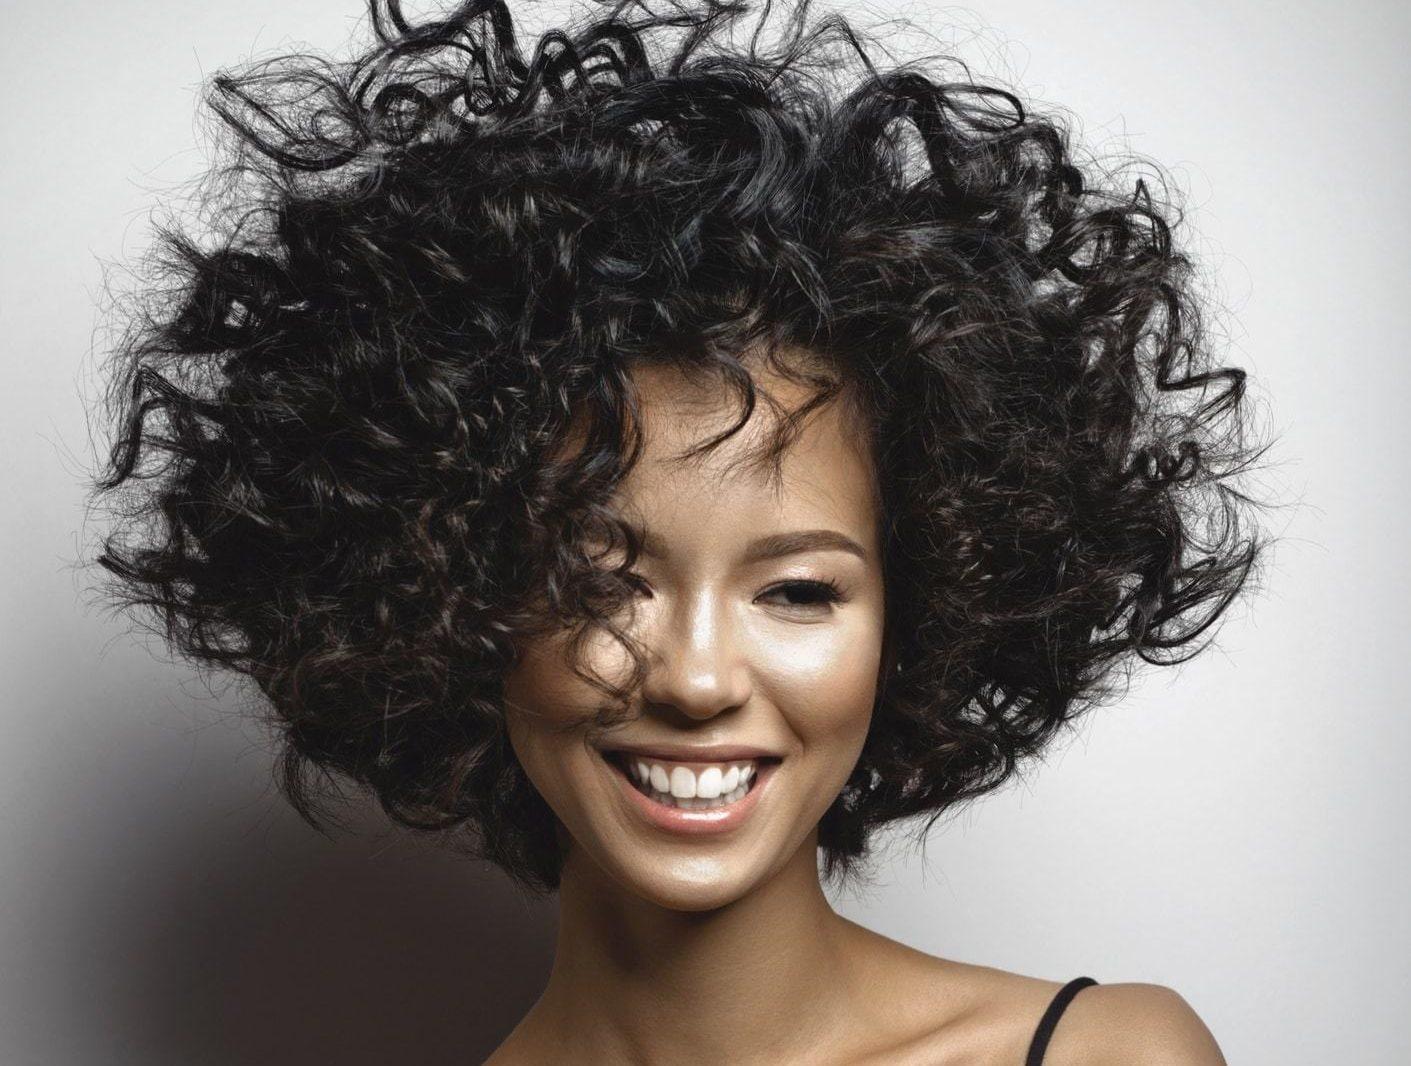 5 Cortes para cabello ondulado | Estilos de pelo cortos y largos